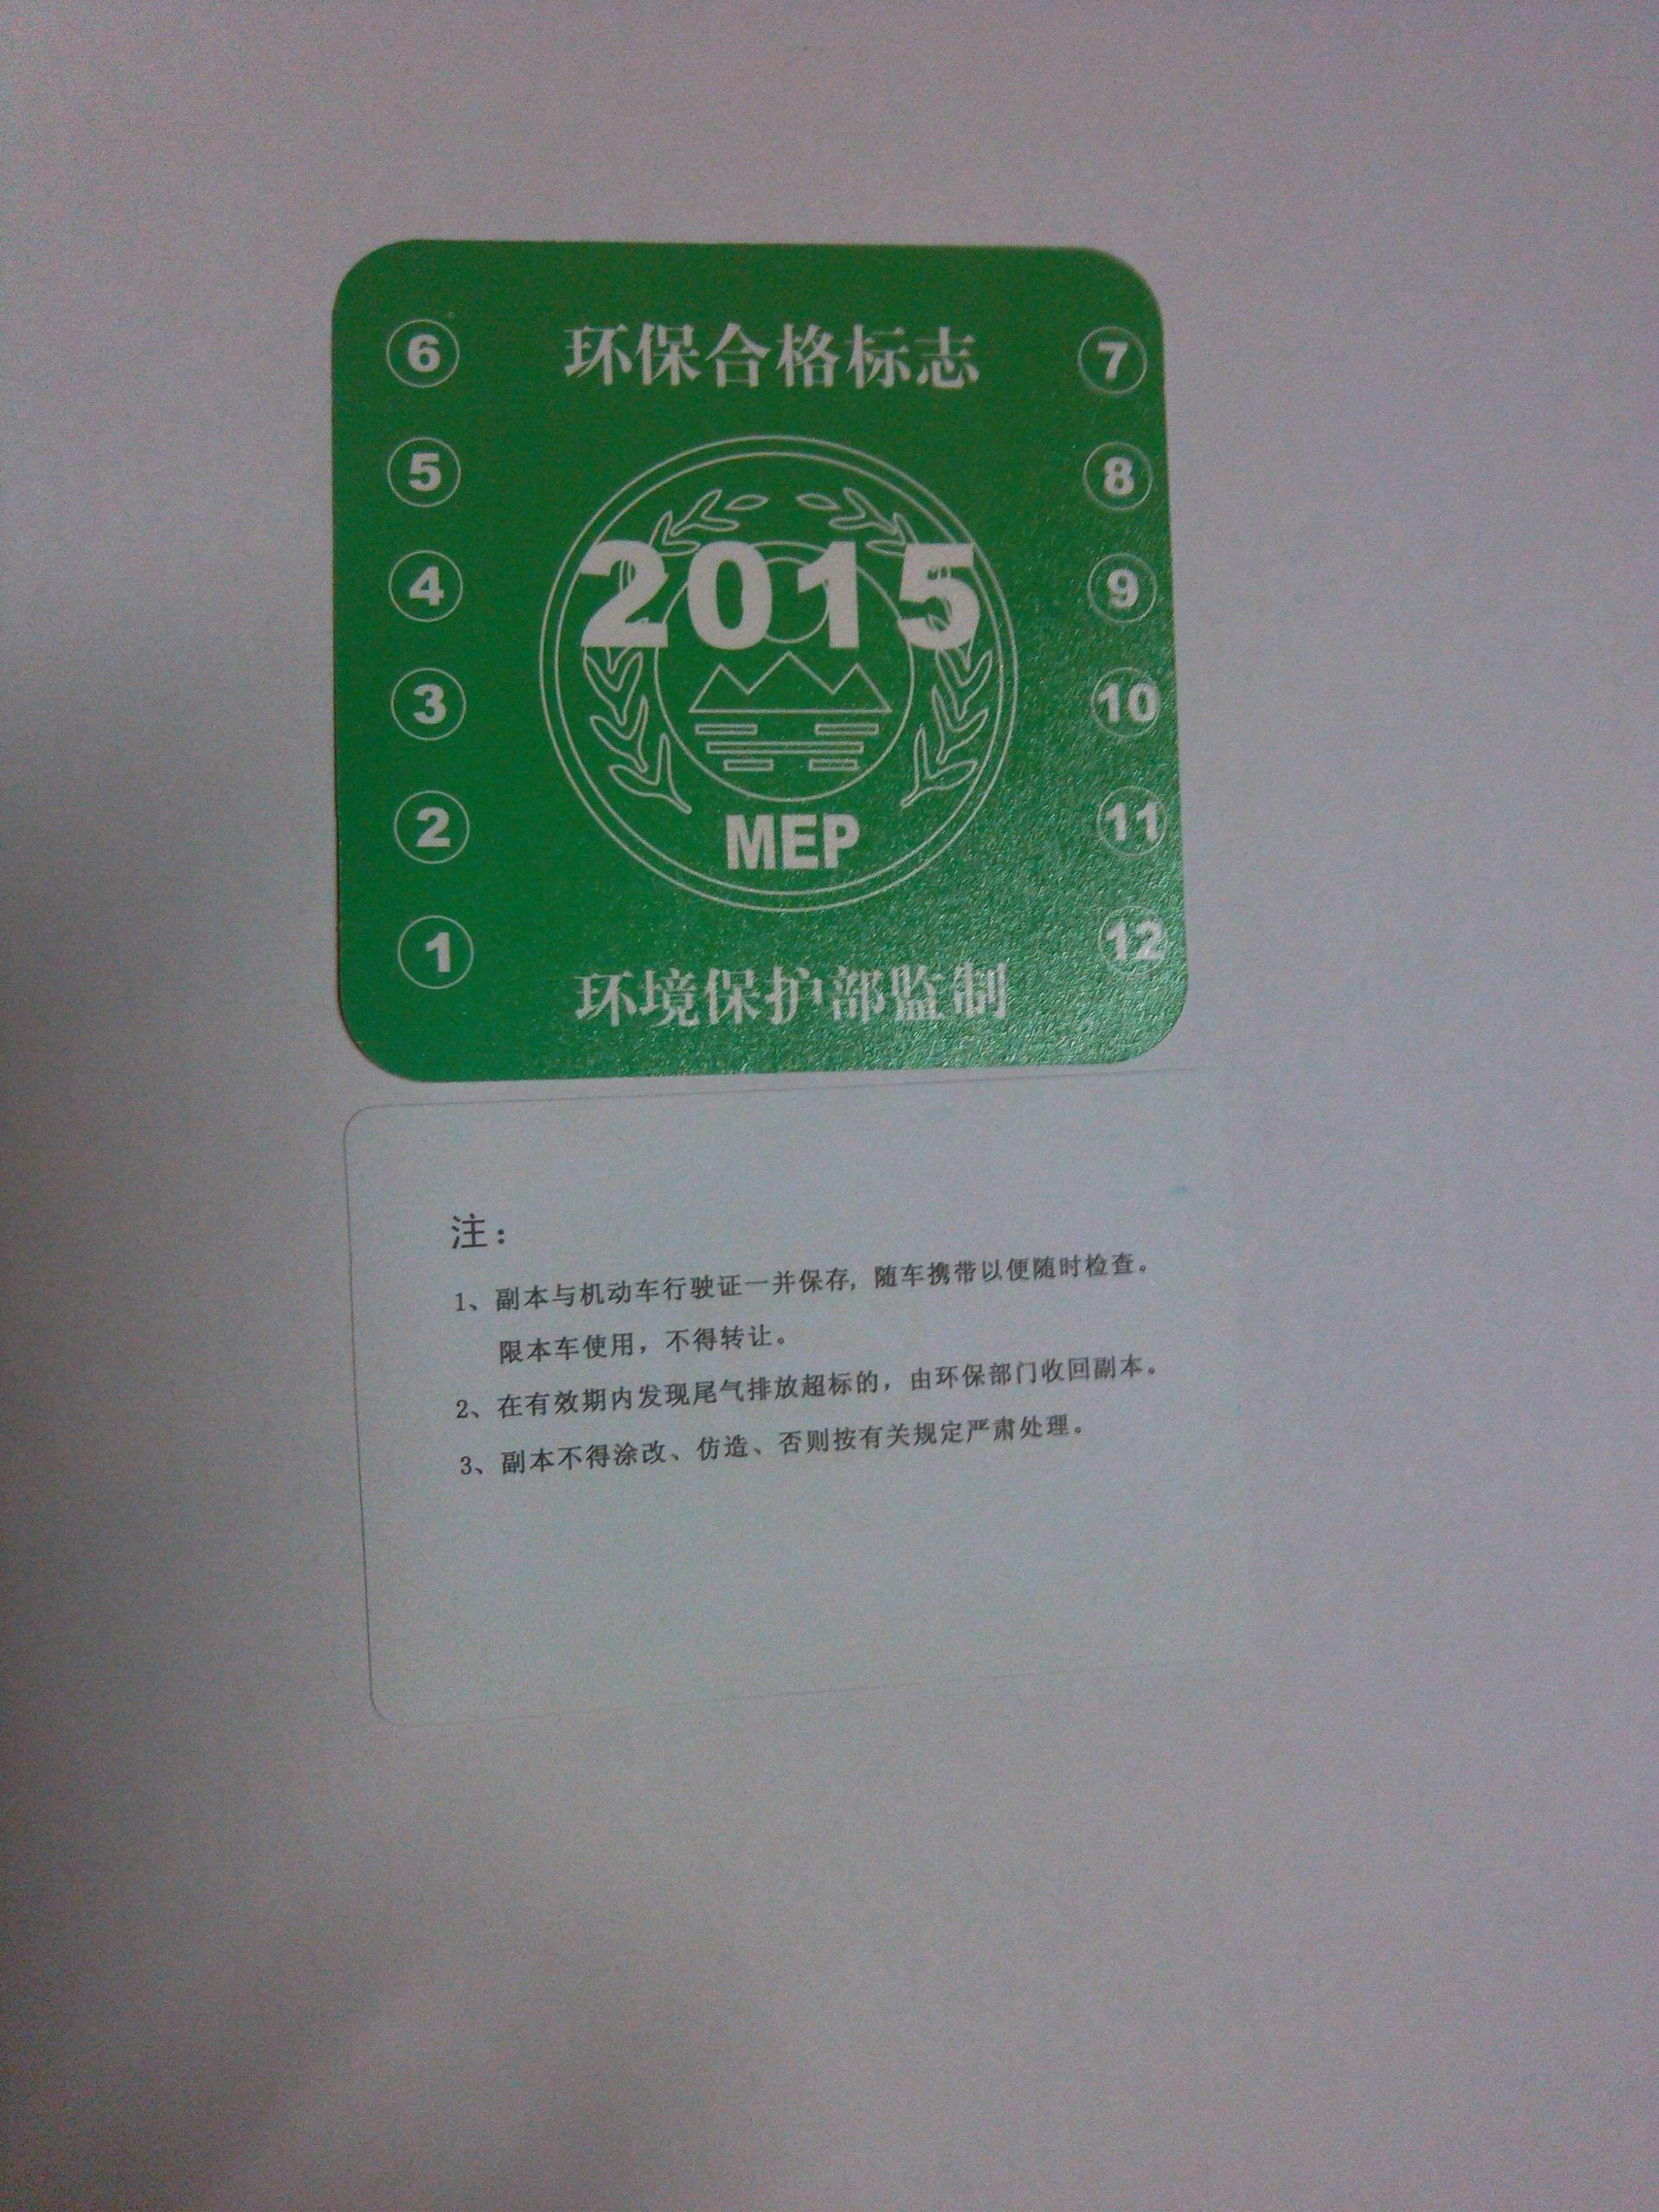 环保标志的日期跟年检的 规划局 领机动车绿色环保标志 高清图片